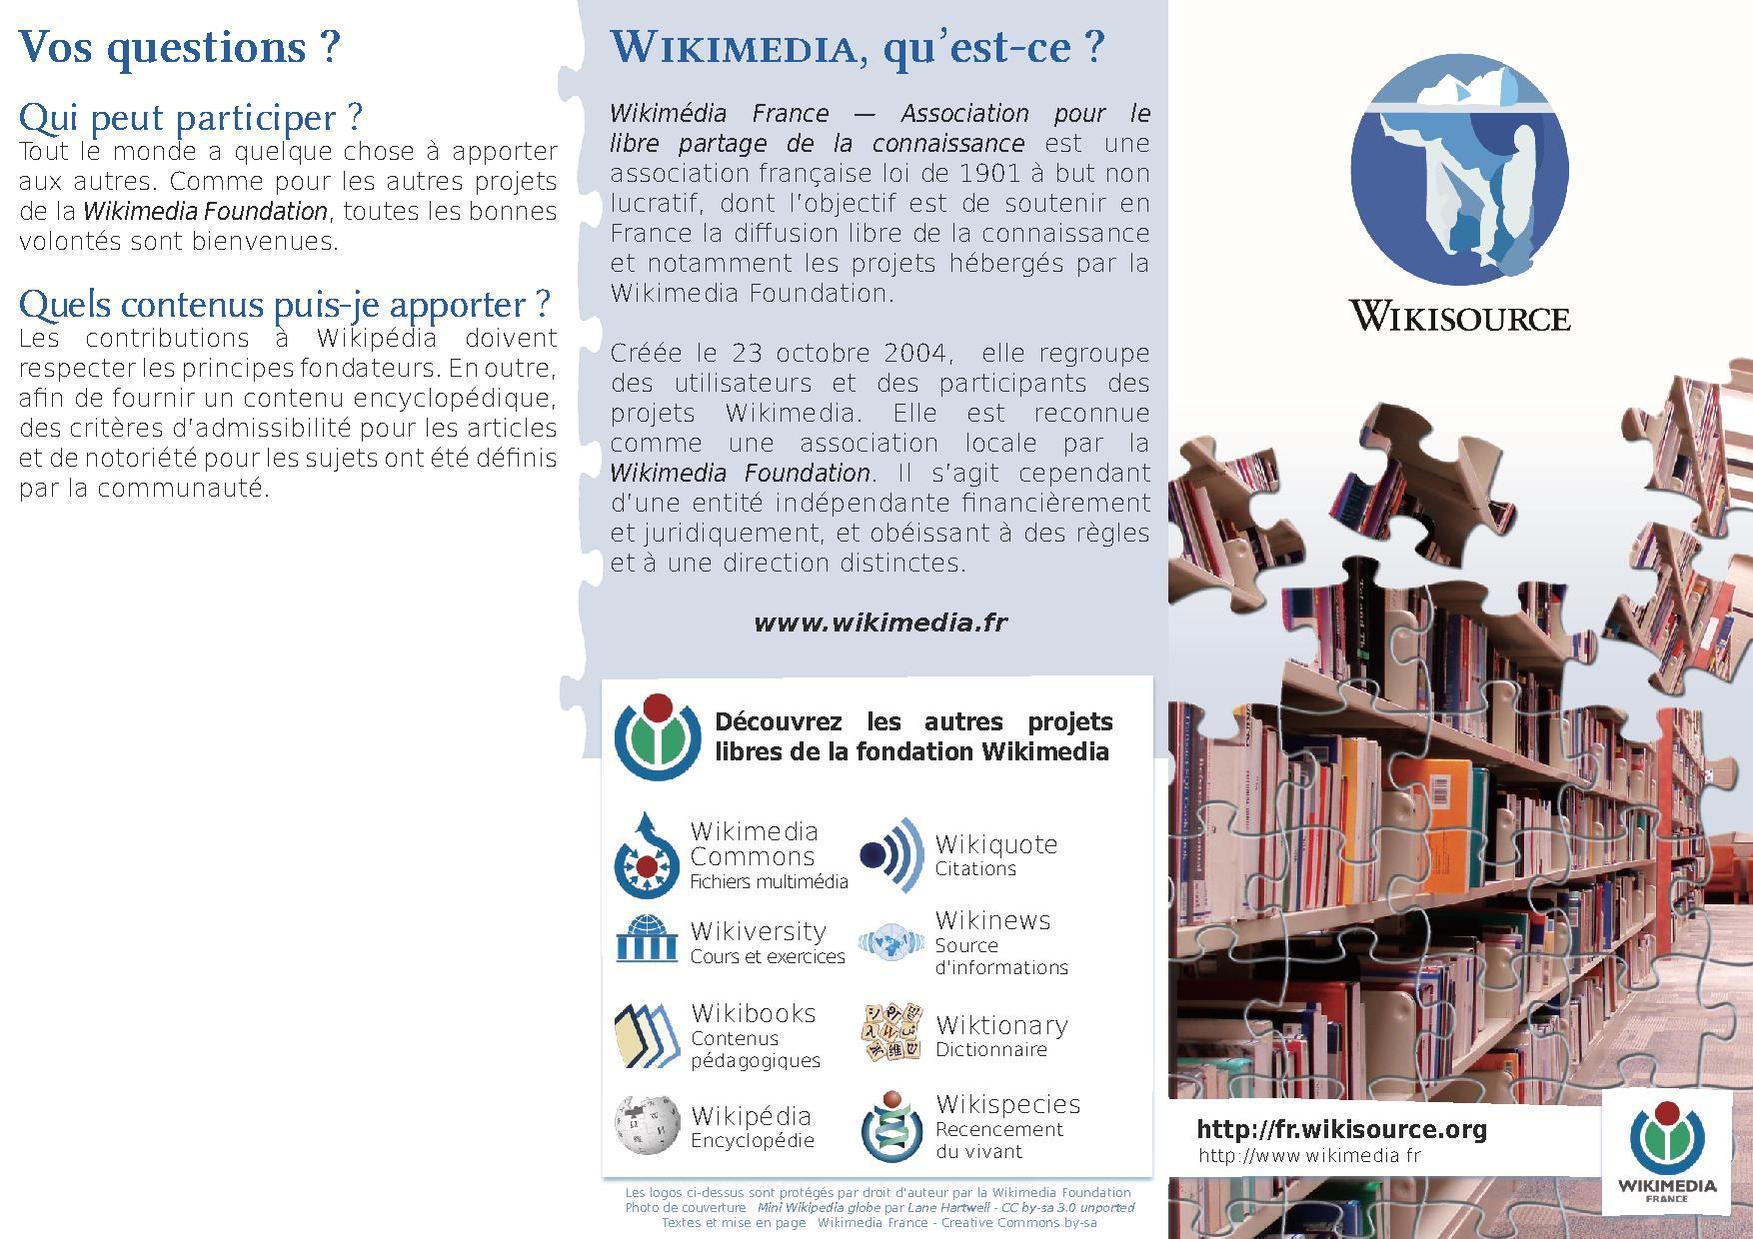 224e286106c27 Wikisource Scriptorium 2011 - Wikisource